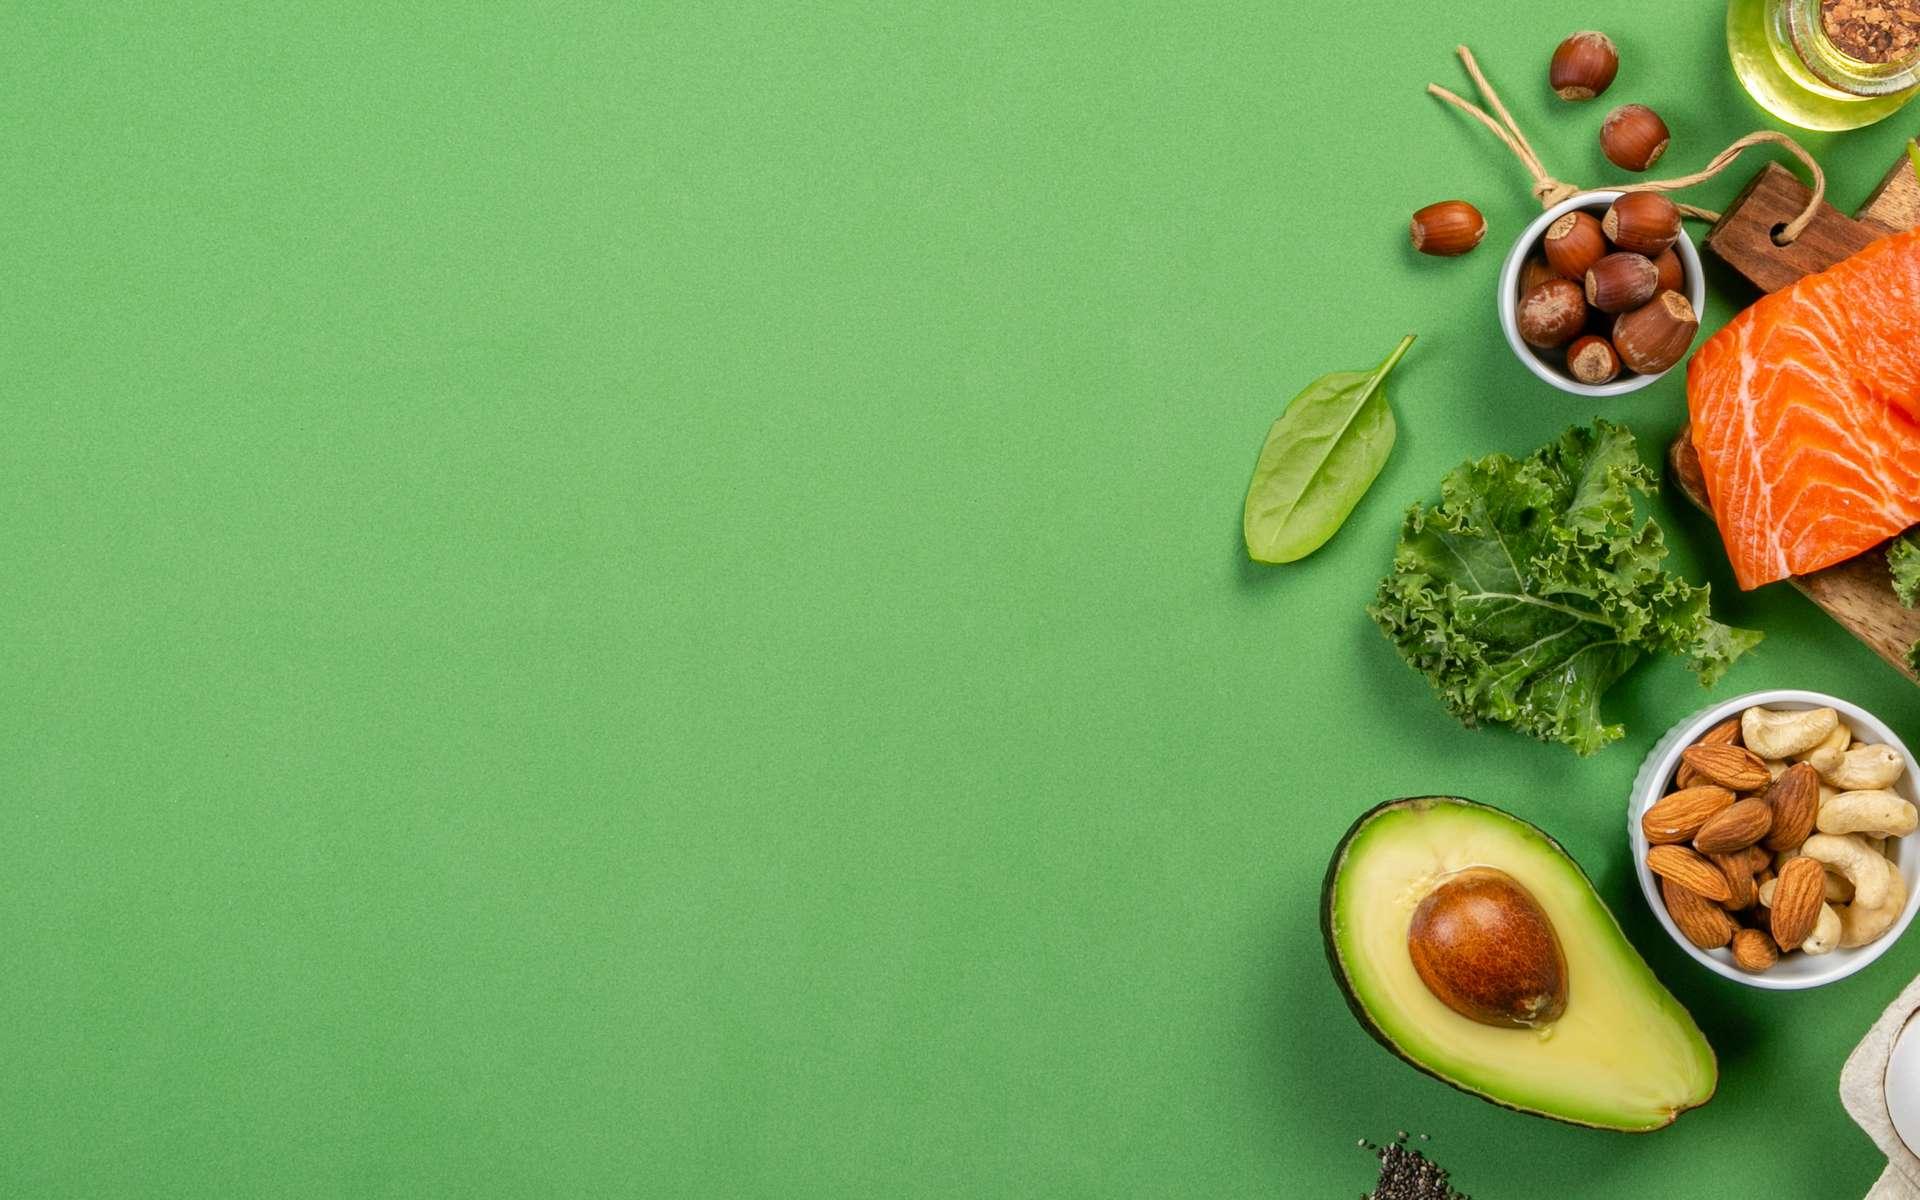 L'alimentation est également un levier important afin de conserver de bonnes défenses immunitaires. © anaumenko, Adobe Stock